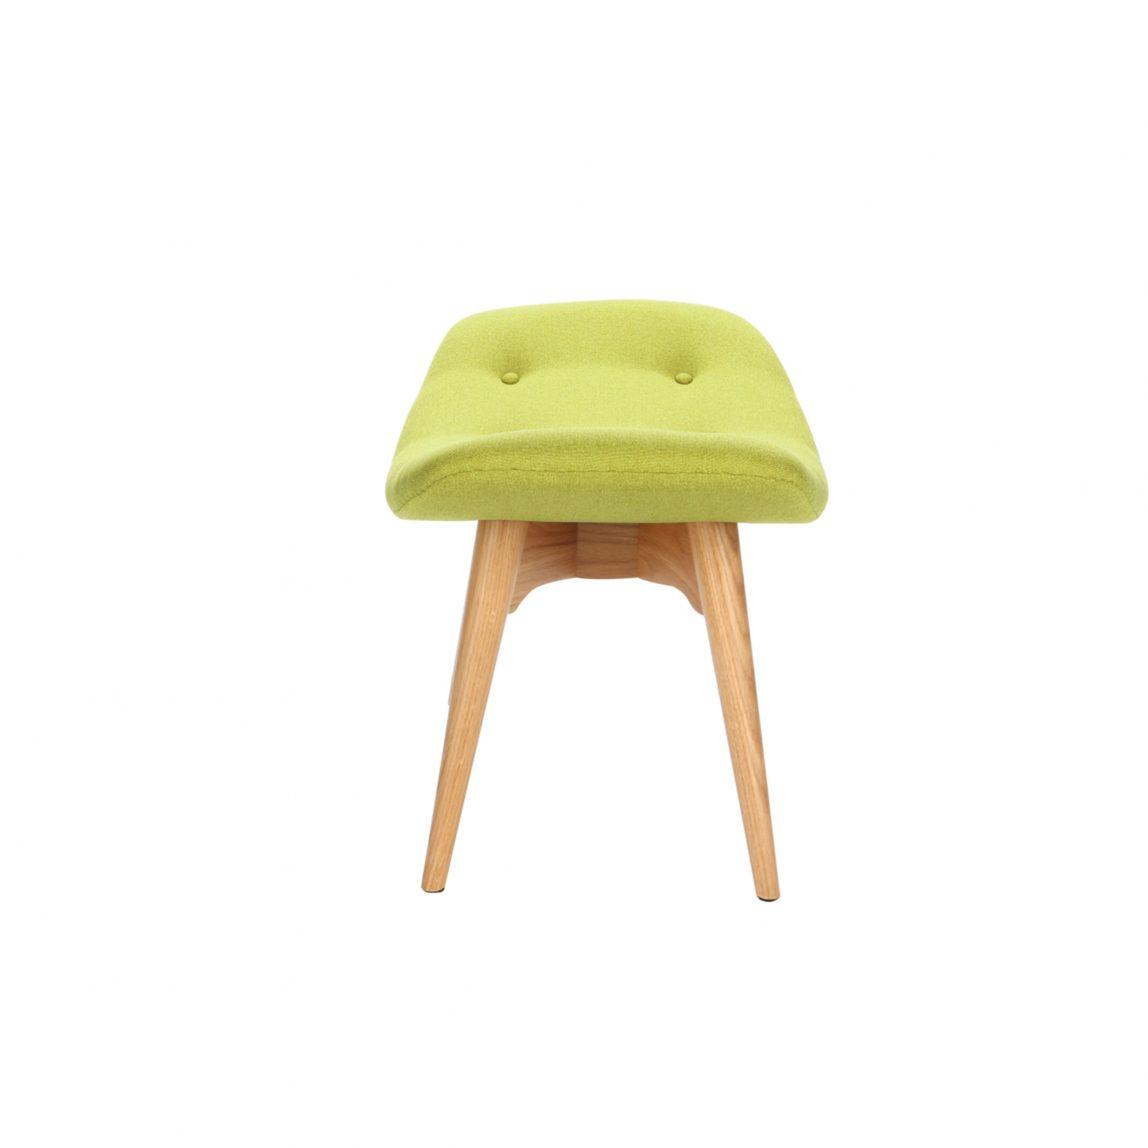 Дизайнерская оттоманка Contour зеленая подставка для ног, интерьерное скандинавское Контур в гостиную, Грант Физерстоун